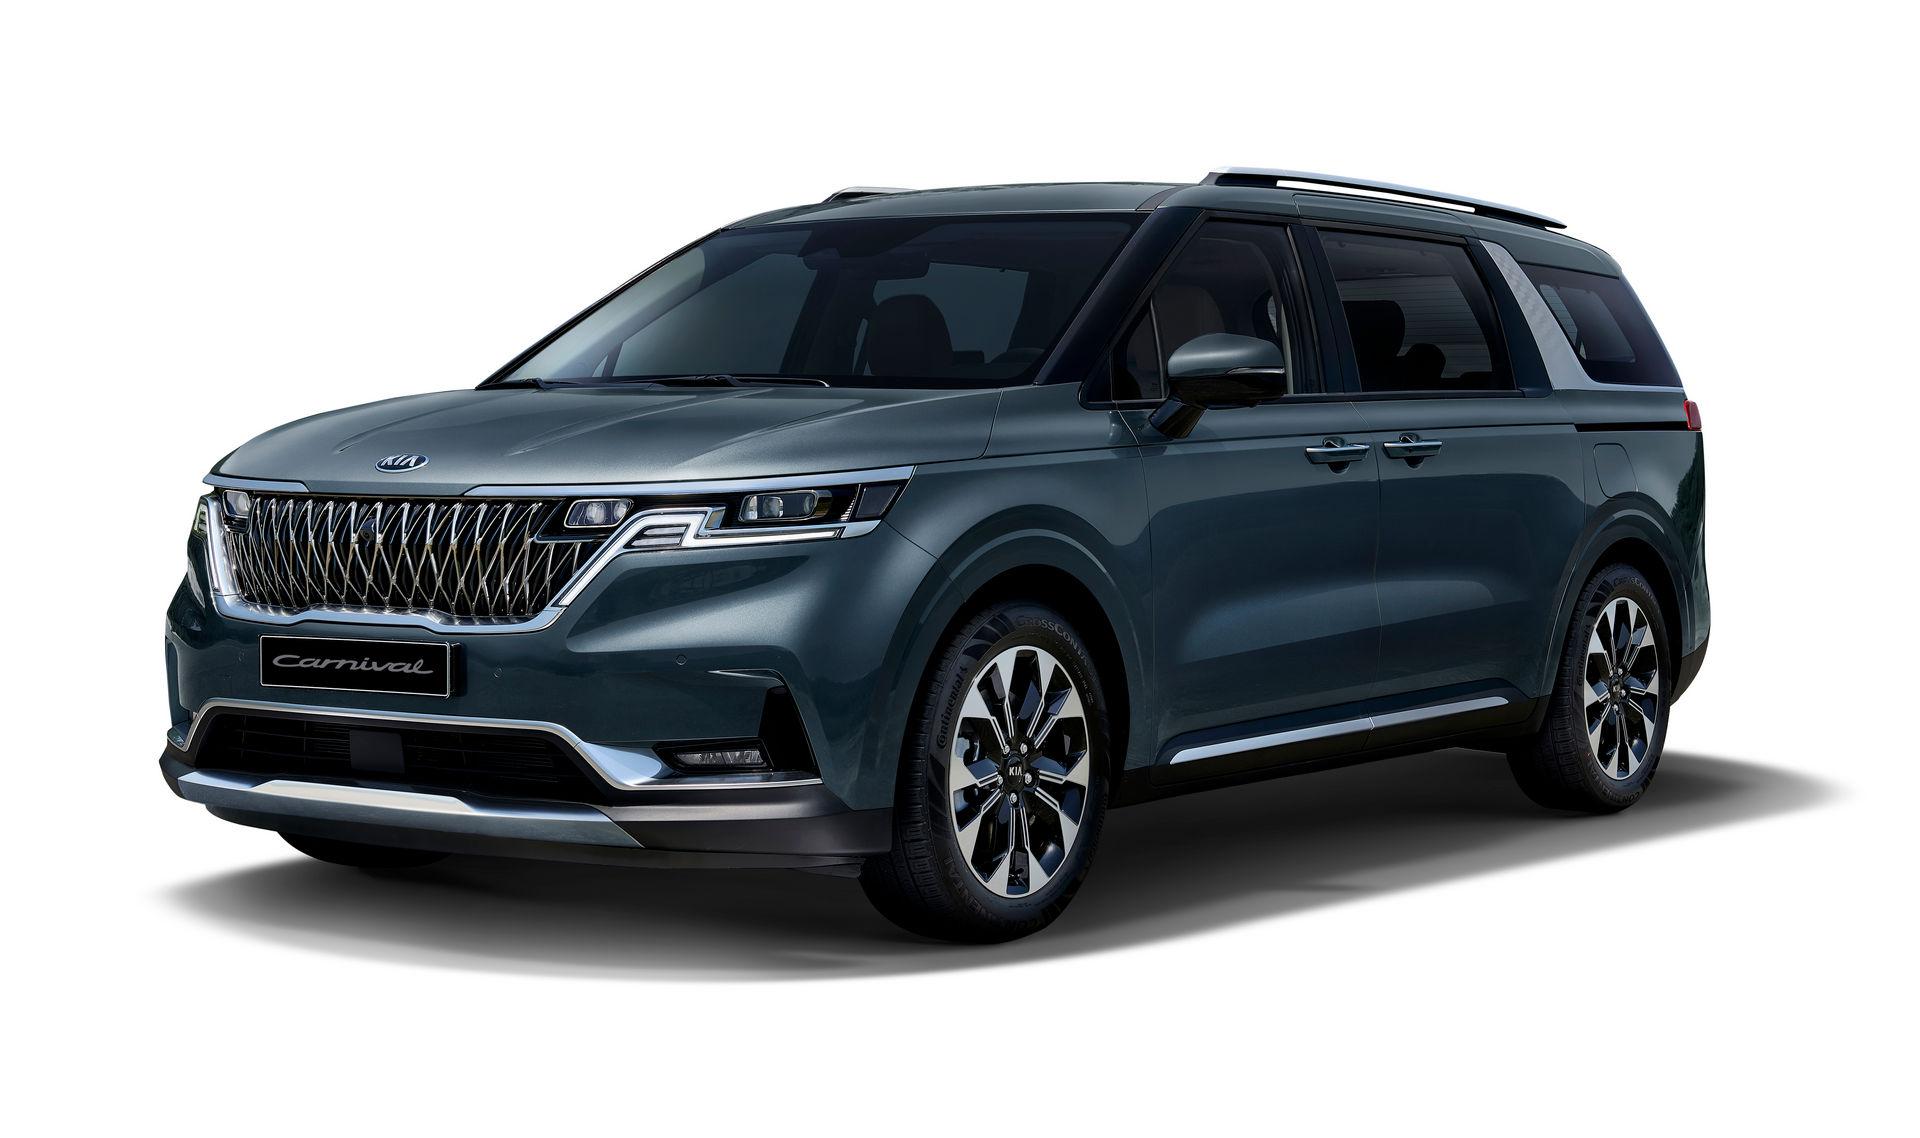 Xem trước phiên bản mới Kia Sedona 2021: lột xác về ngoại thất, tiệm cận SUV